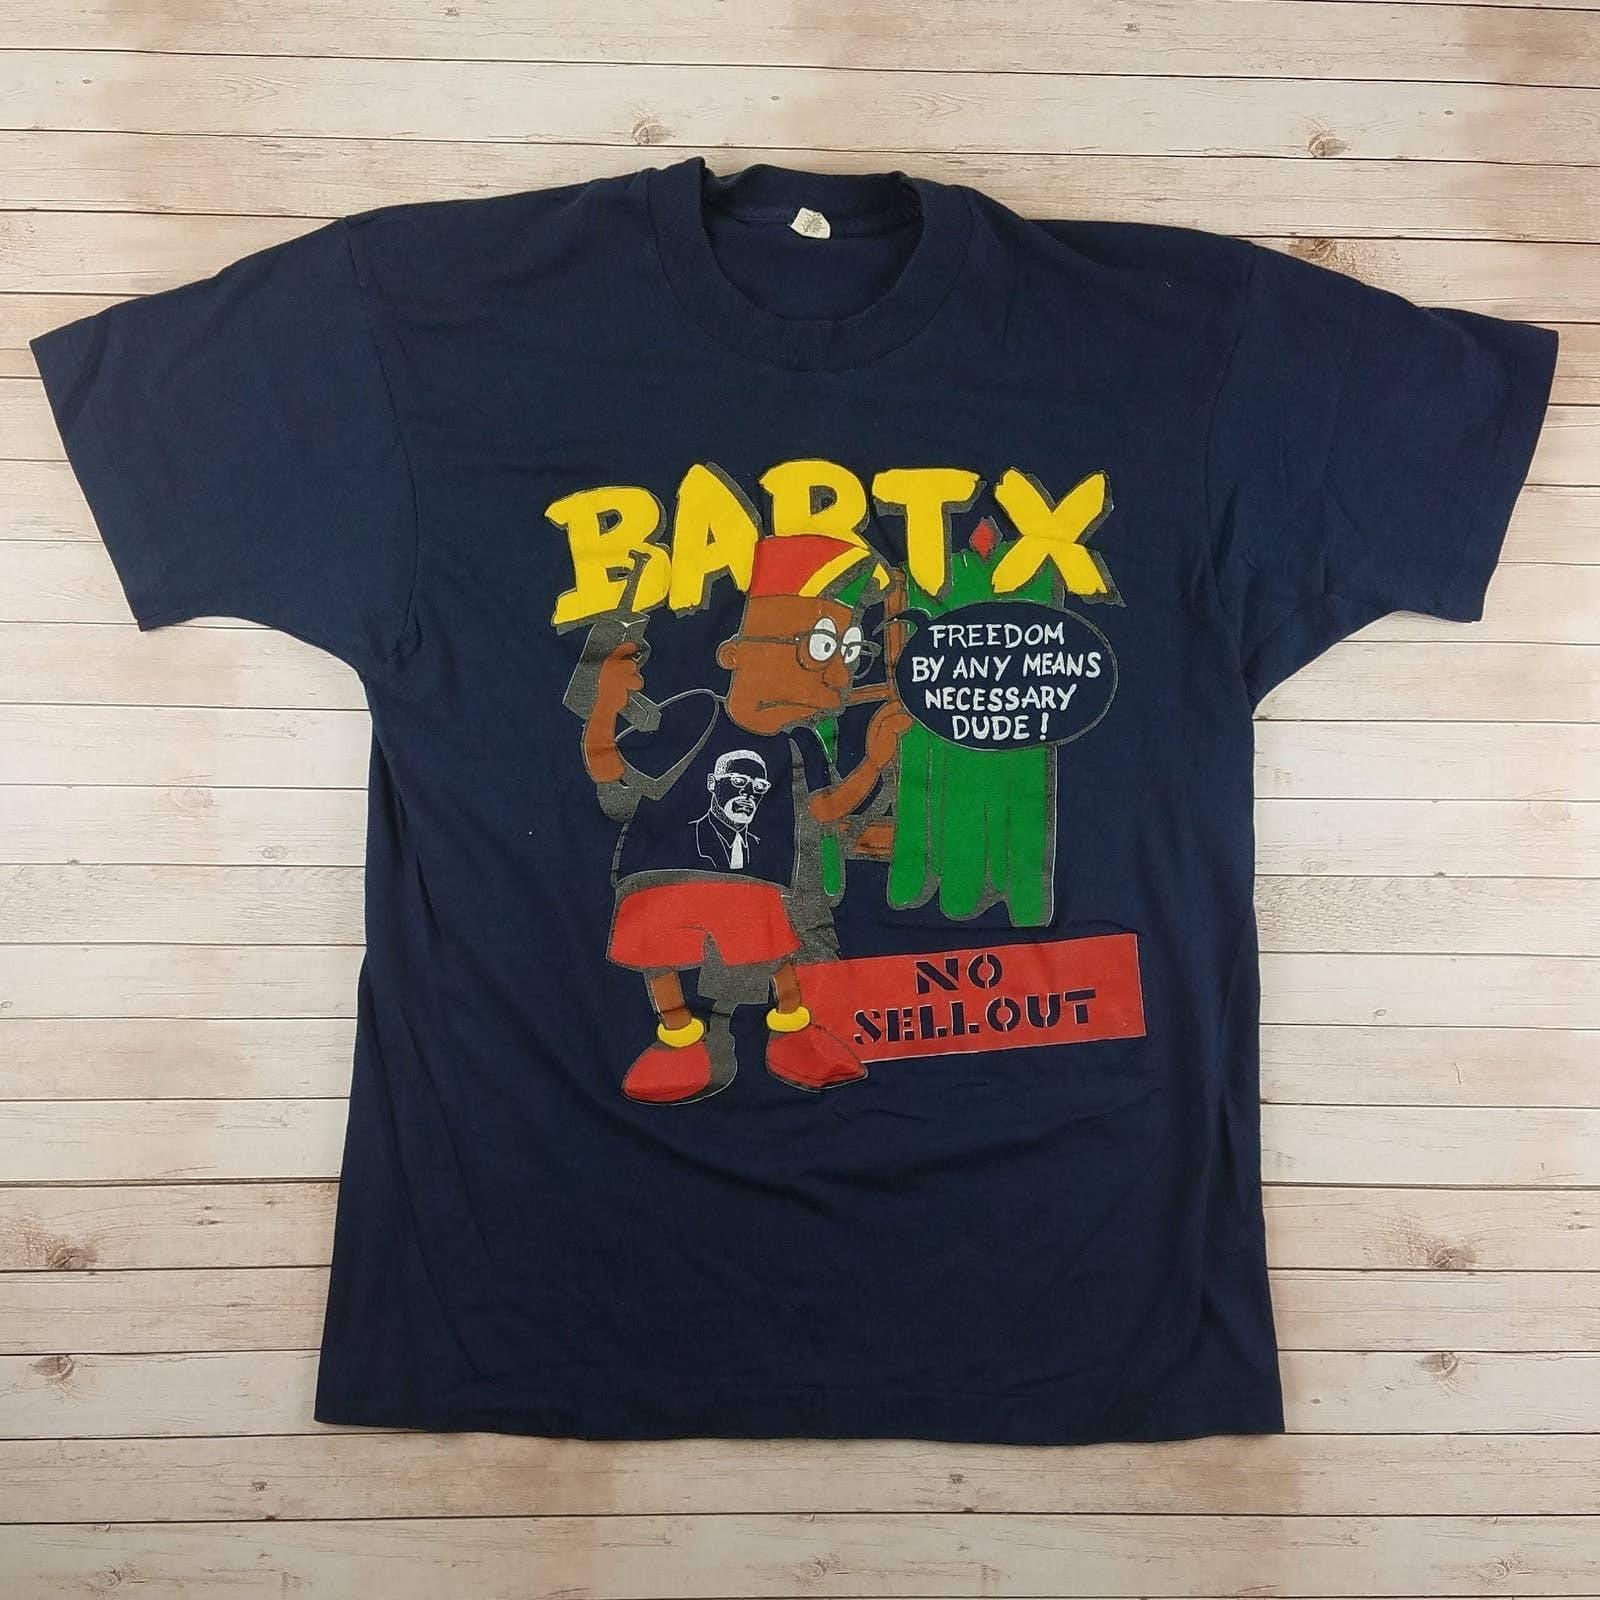 VTG 90s Black Bart Screen Stars T-Shirt